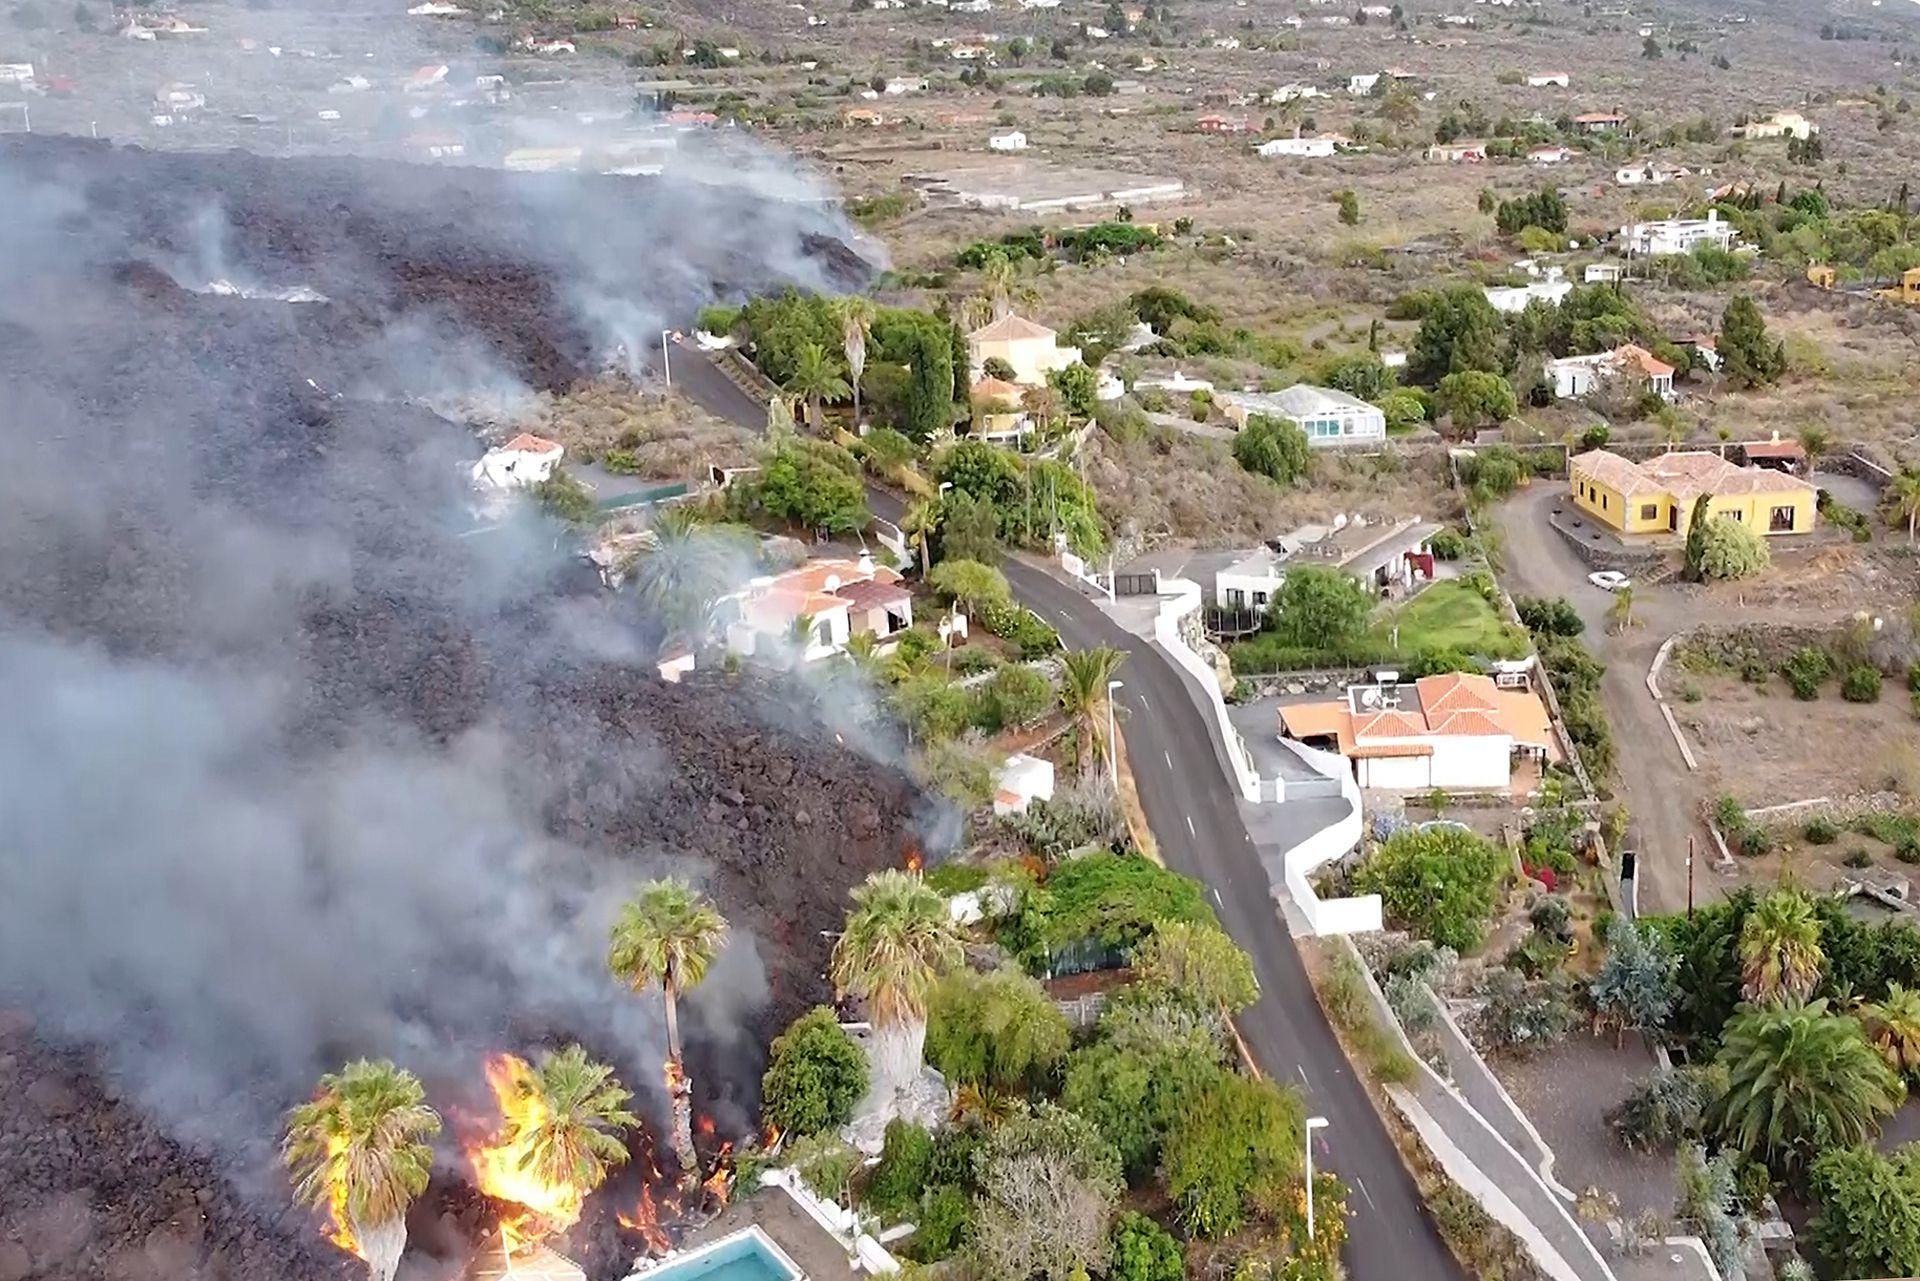 La lava está alrededor de unos 900 grados y destroza todo lo que encuentra a su paso